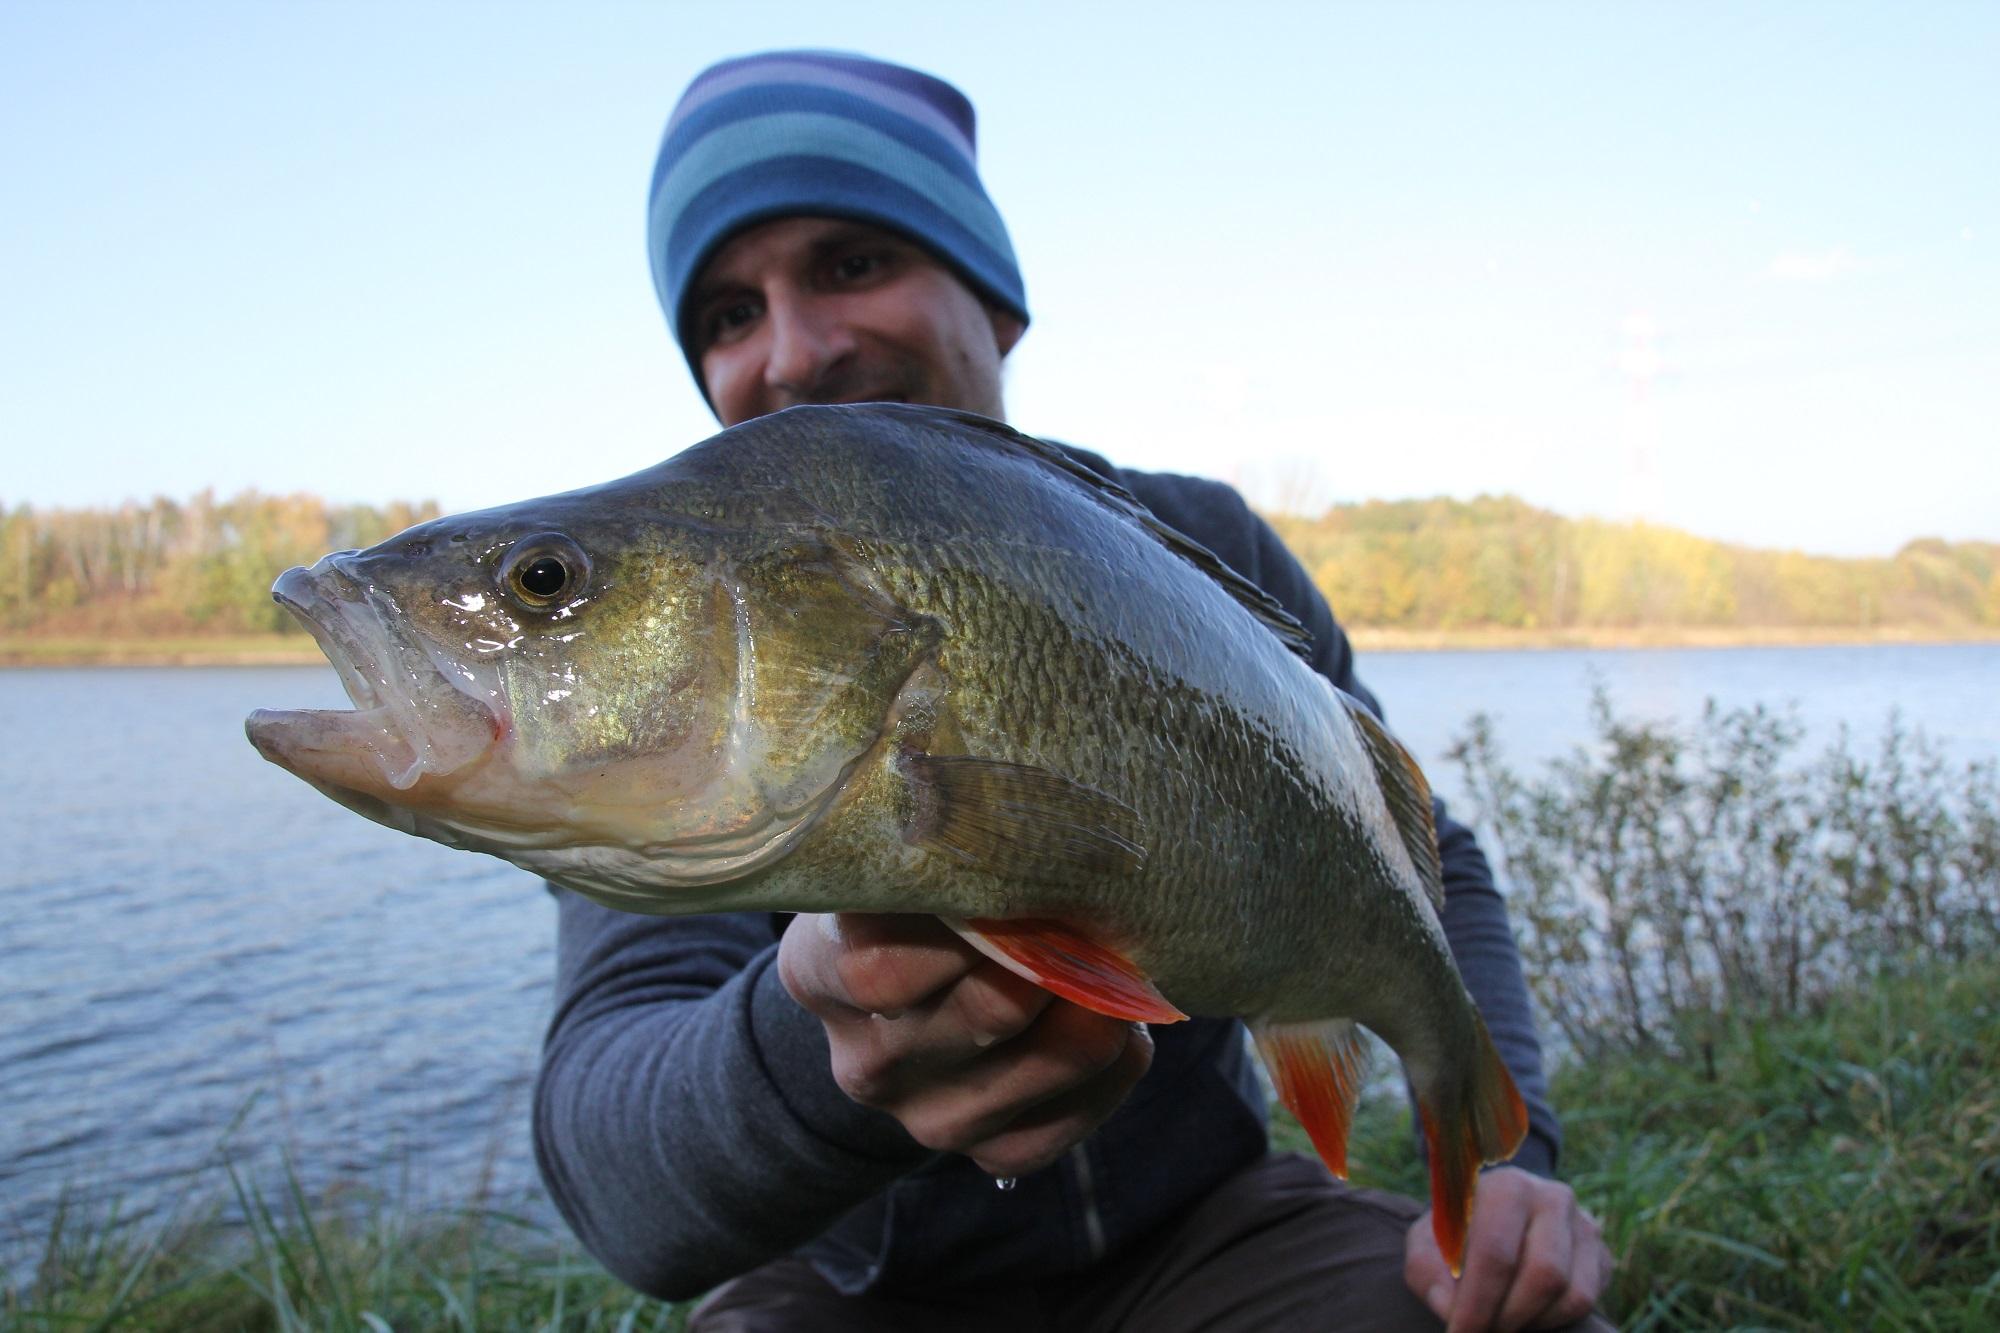 Besonders die besseren Raubfische gehen Jesco im Herbst an den Köder. Dann fängt er tolle Barsche und Zander beim Spinnangeln